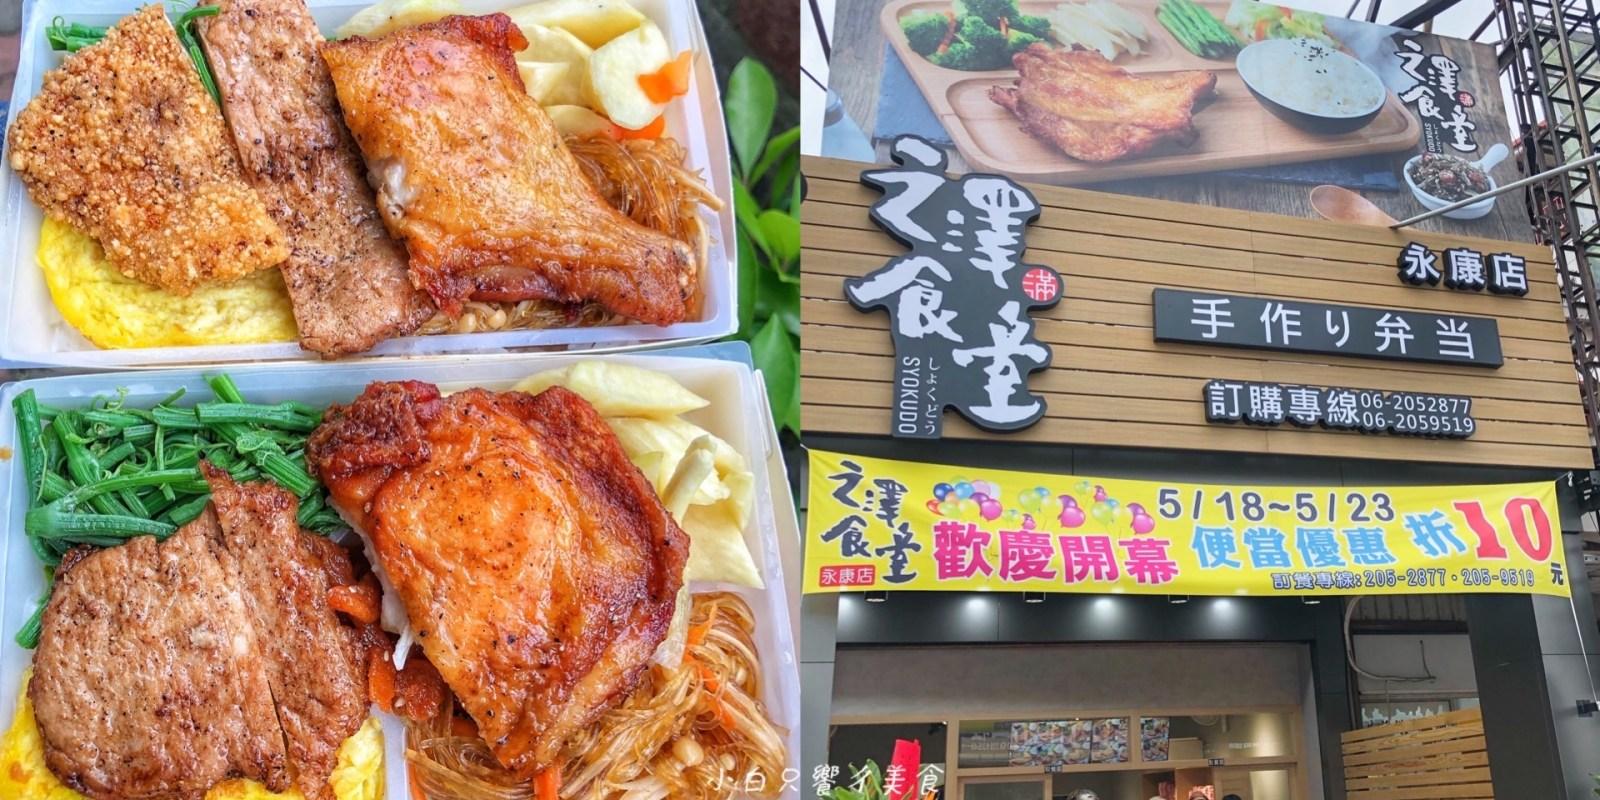 【台南美食】之澤食堂永康店 乾濕分離便當/ 開幕優惠折10元 便當75元起